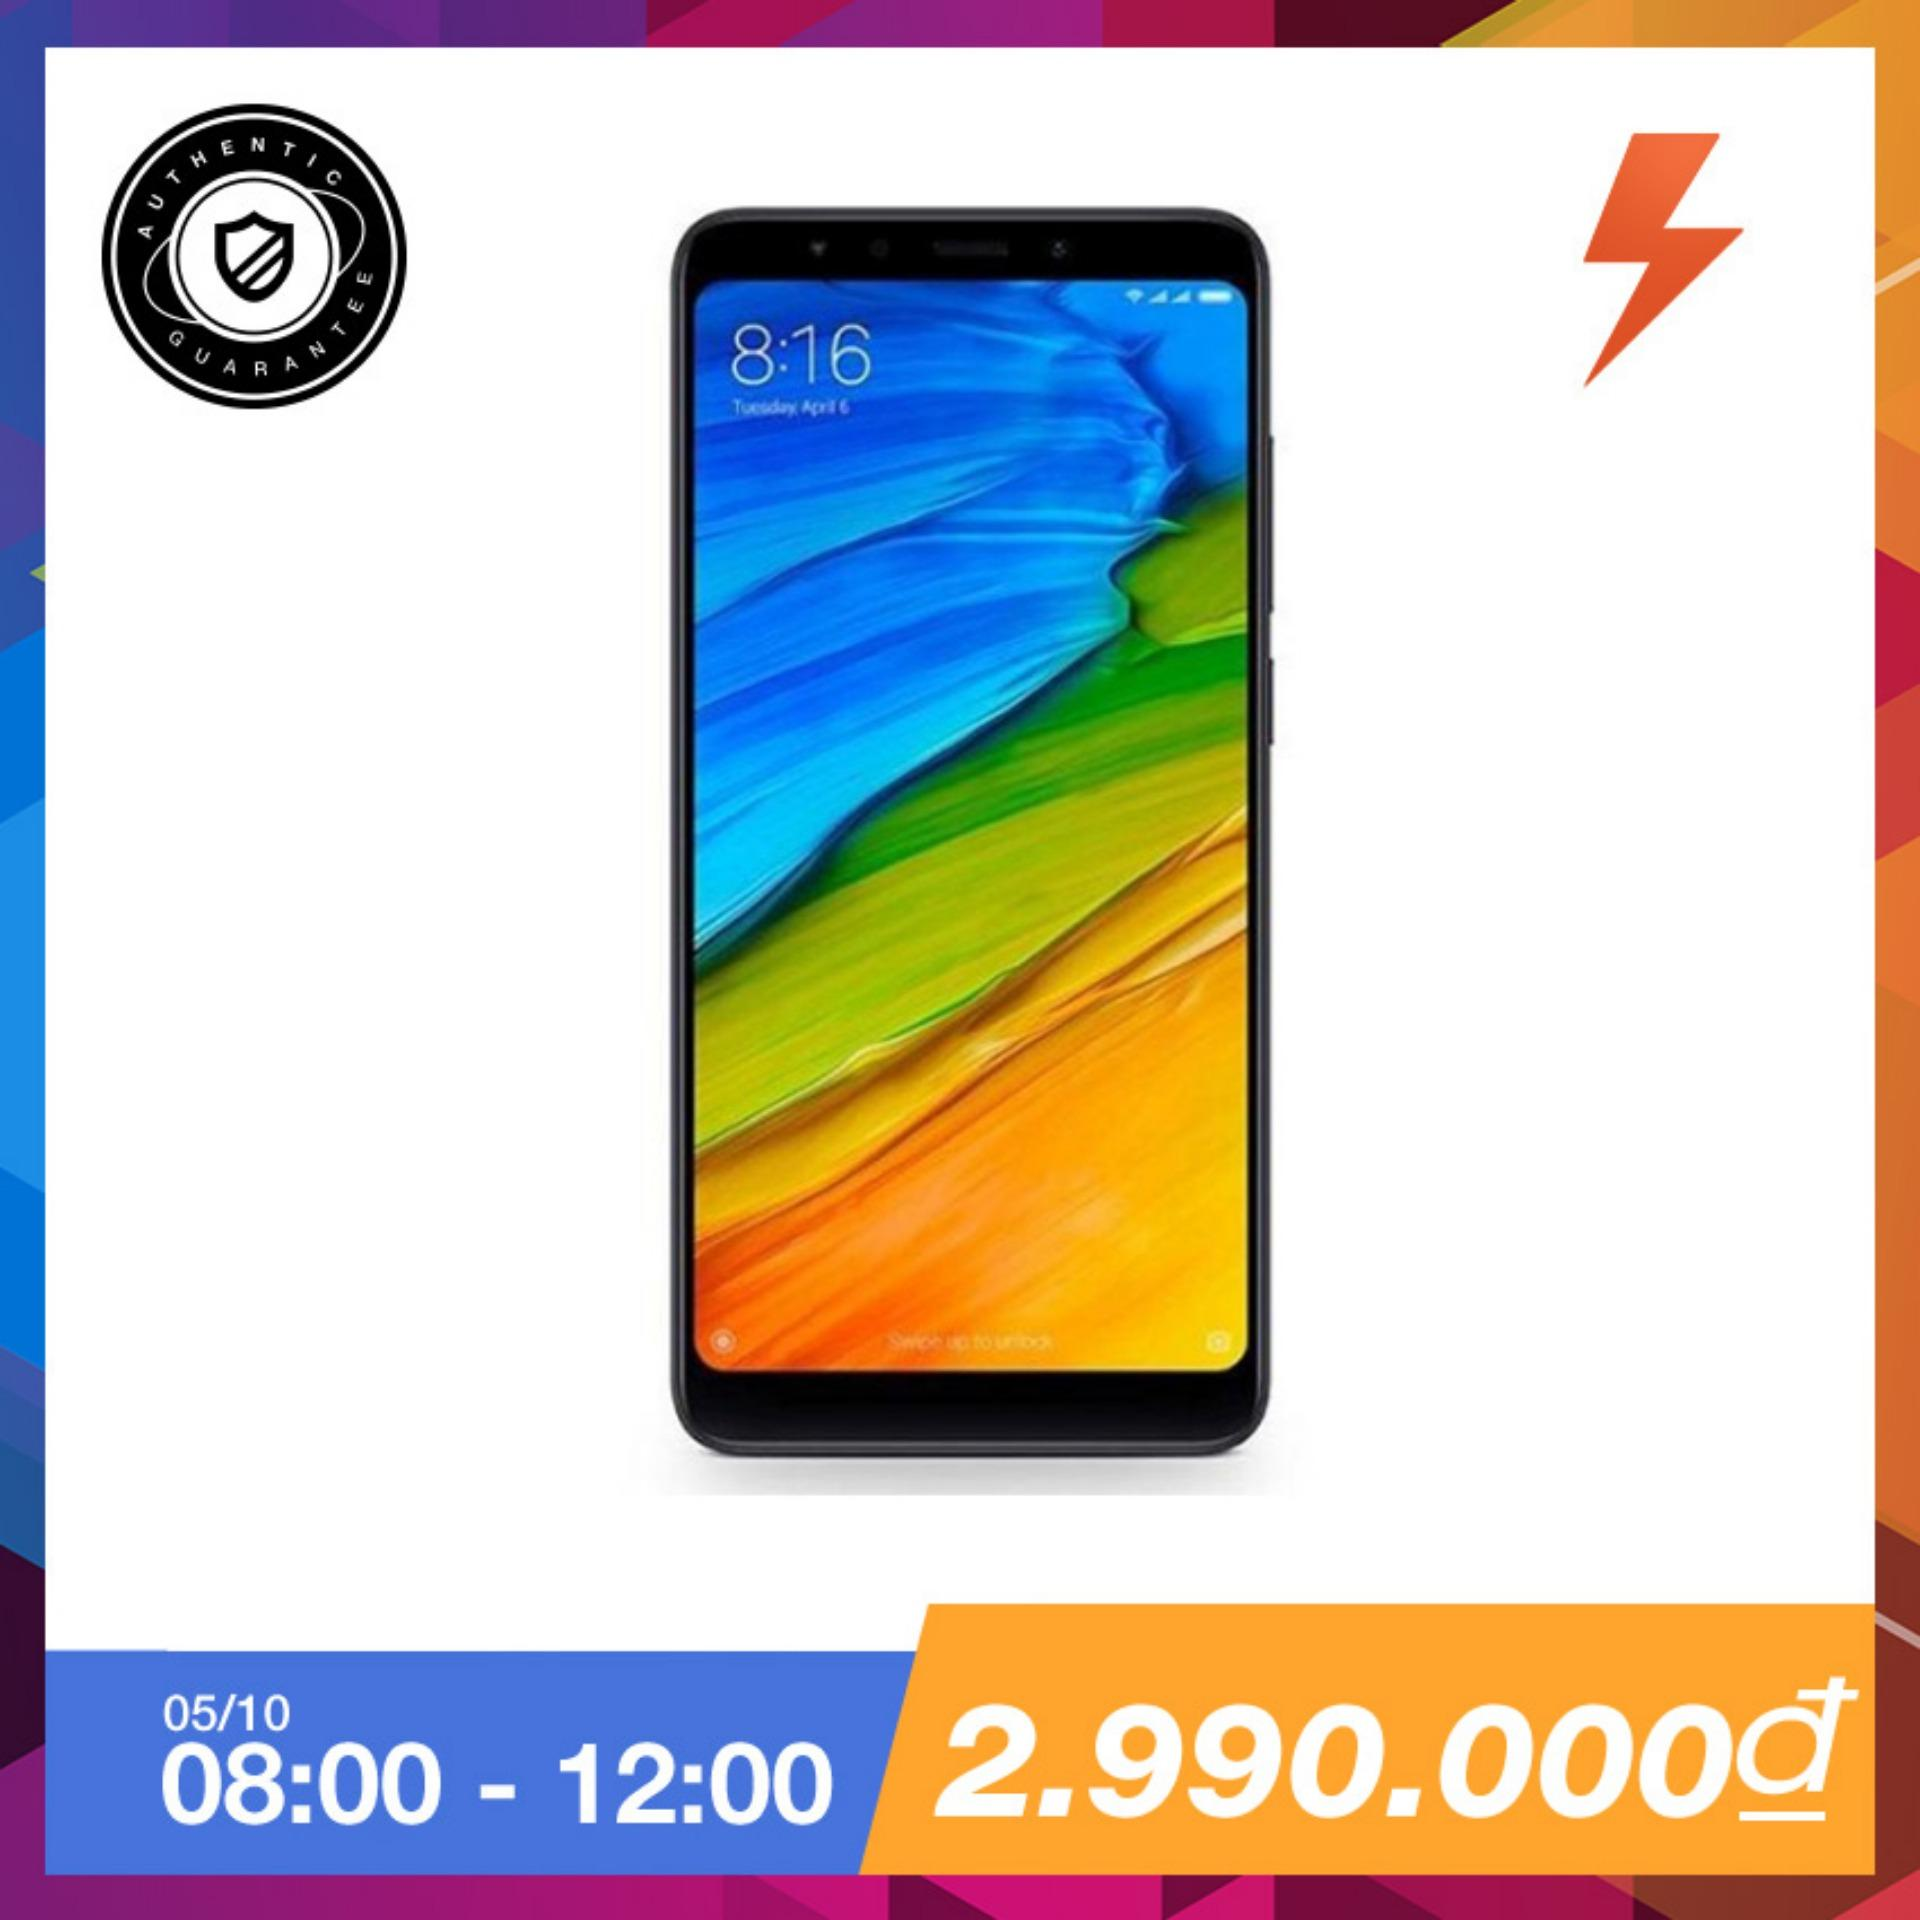 Ôn Tập Tốt Nhất Xiaomi Redmi 5 32Gb Ram 3Gb Đen Hang Phan Phối Chinh Thức